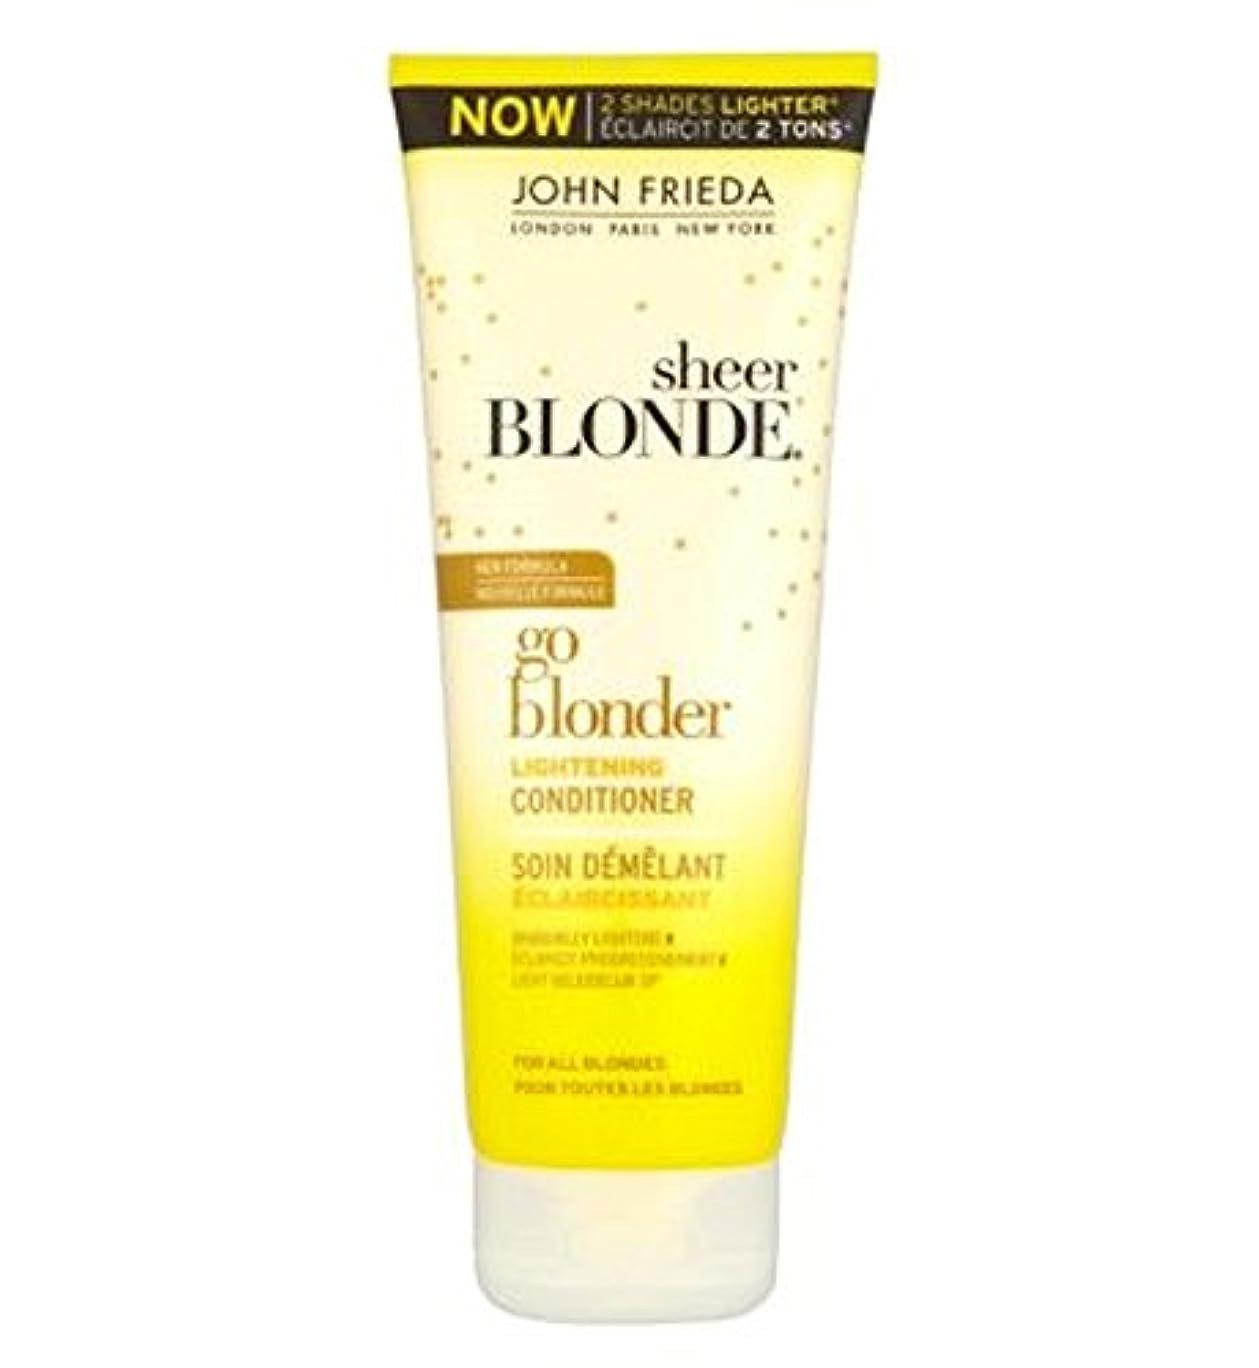 解決ダメージ保存ジョン?フリーダ薄手ブロンド行くBlonder美白コンディショナー250Ml (John Frieda) (x2) - John Frieda Sheer Blonde Go Blonder Lightening Conditioner...